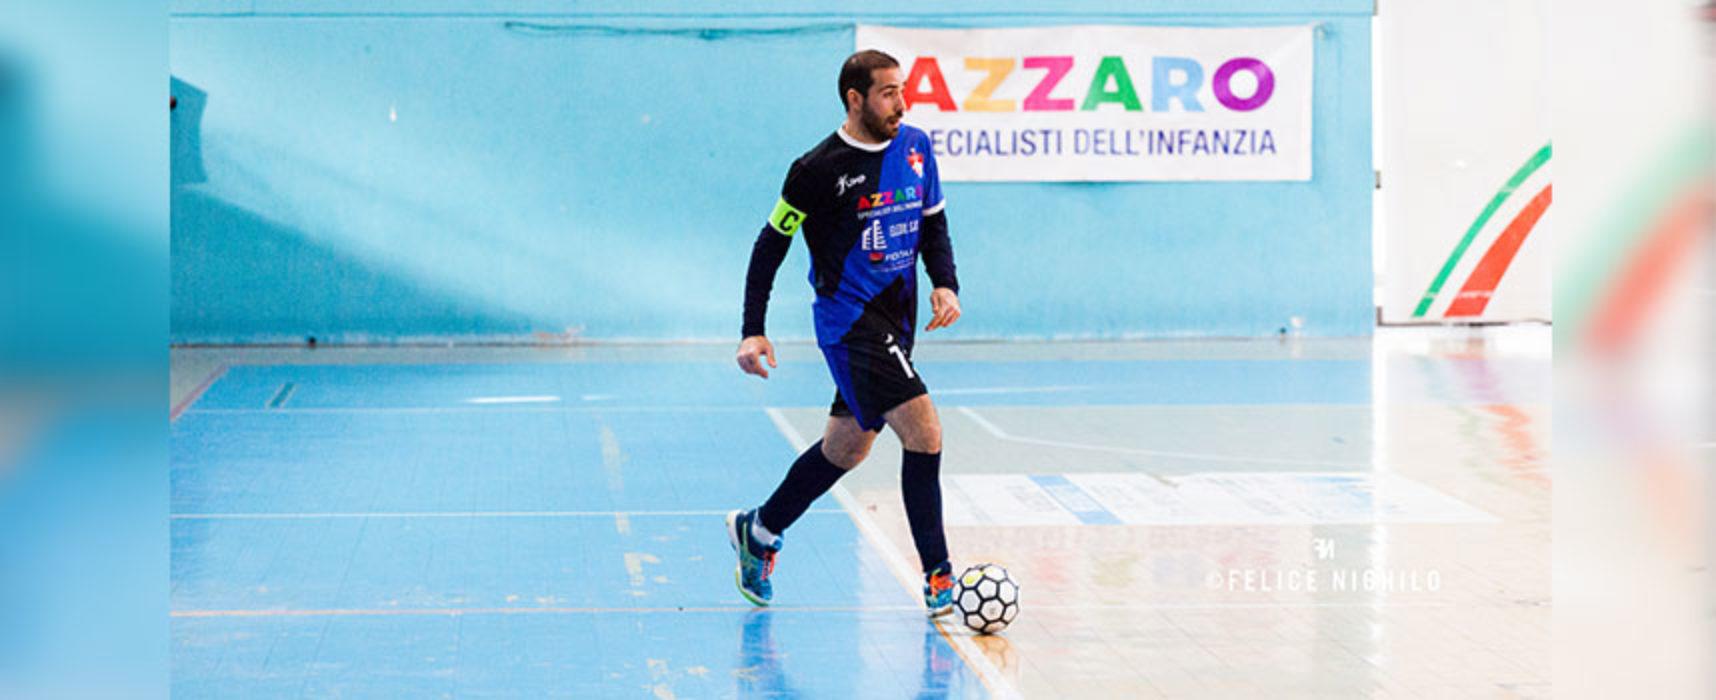 La Diaz muove i primi passi, rinnovo per Cassanelli